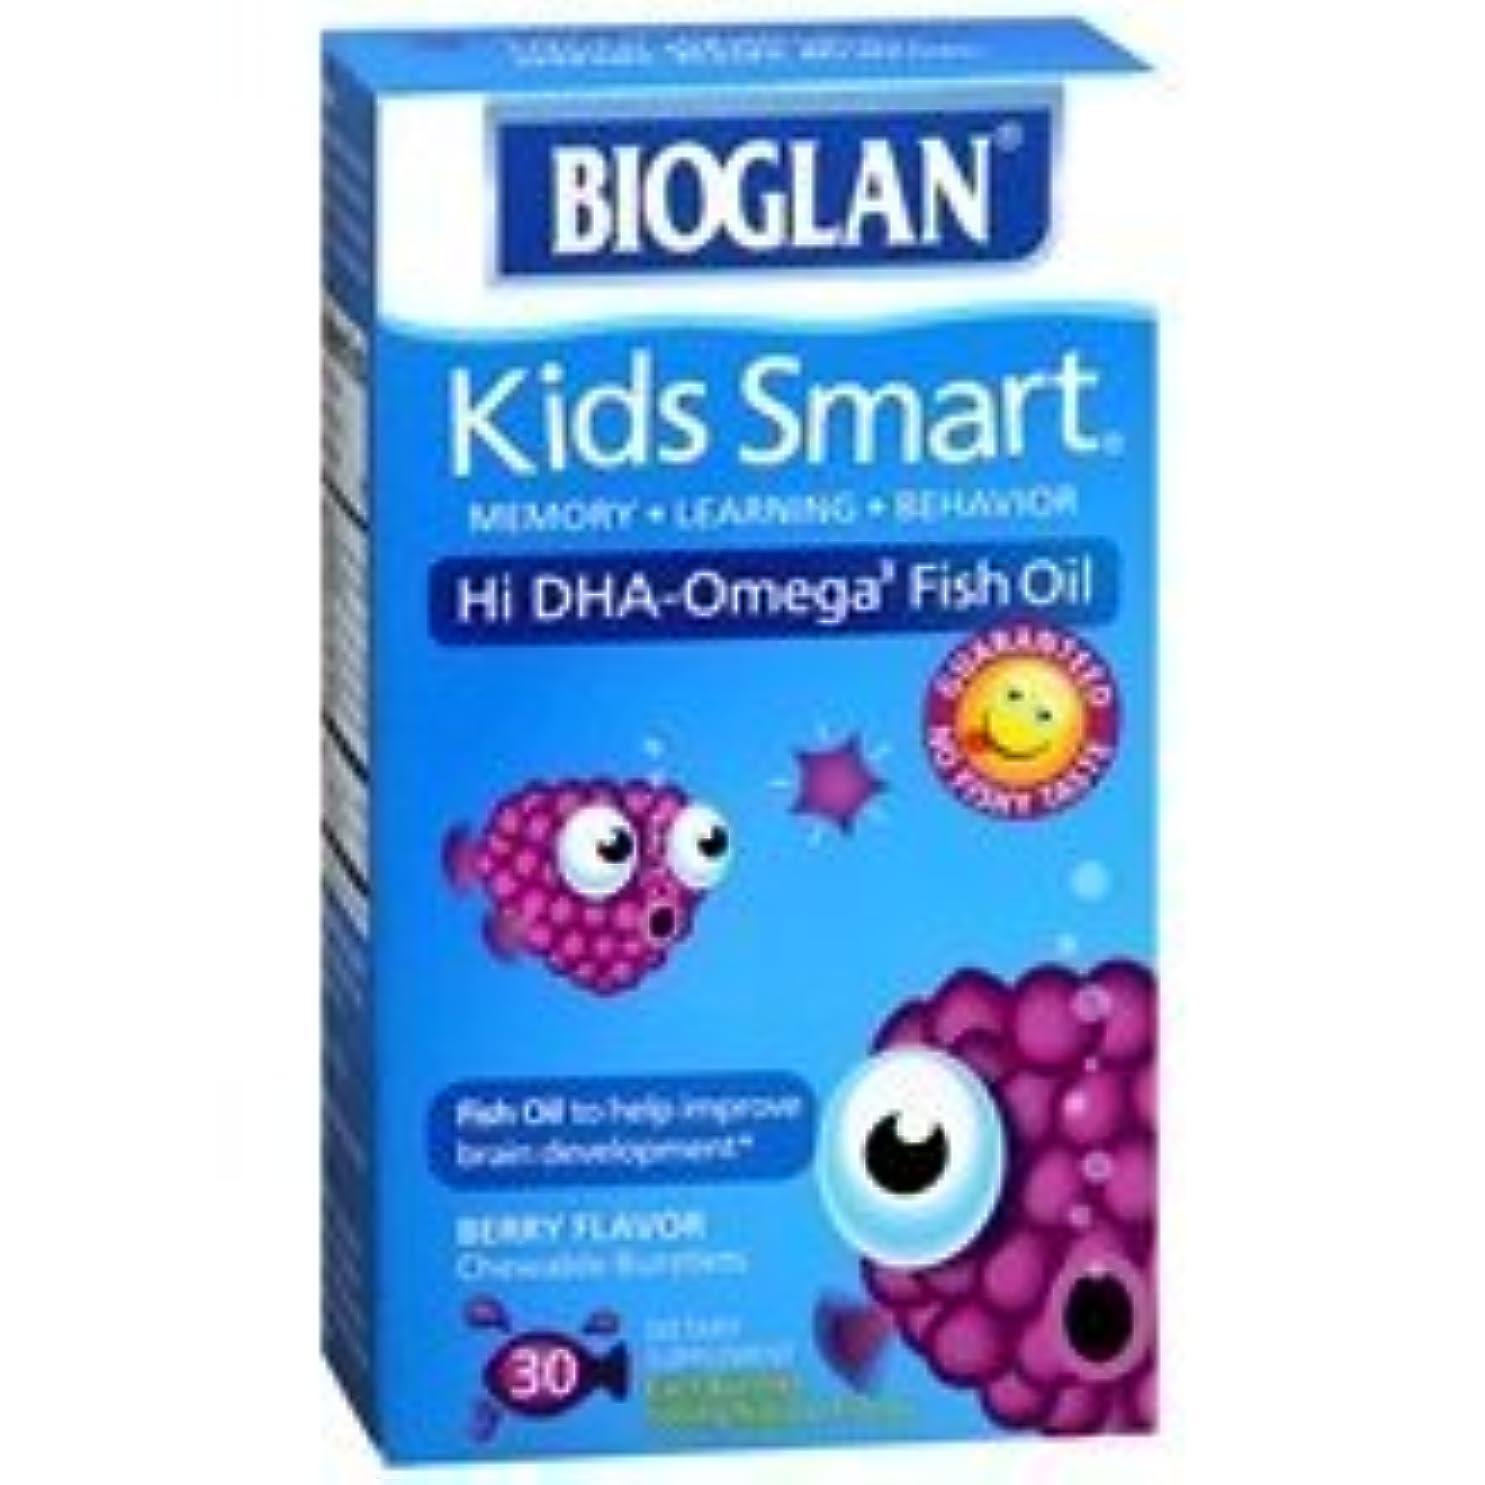 ブローリハーサルホームBioglan Kids Smart Hi DHA-Omega3 Fish Oil 500 mg Dietary Supplement Burstlets Berry Flavor 30.0 ea. (Quantity...